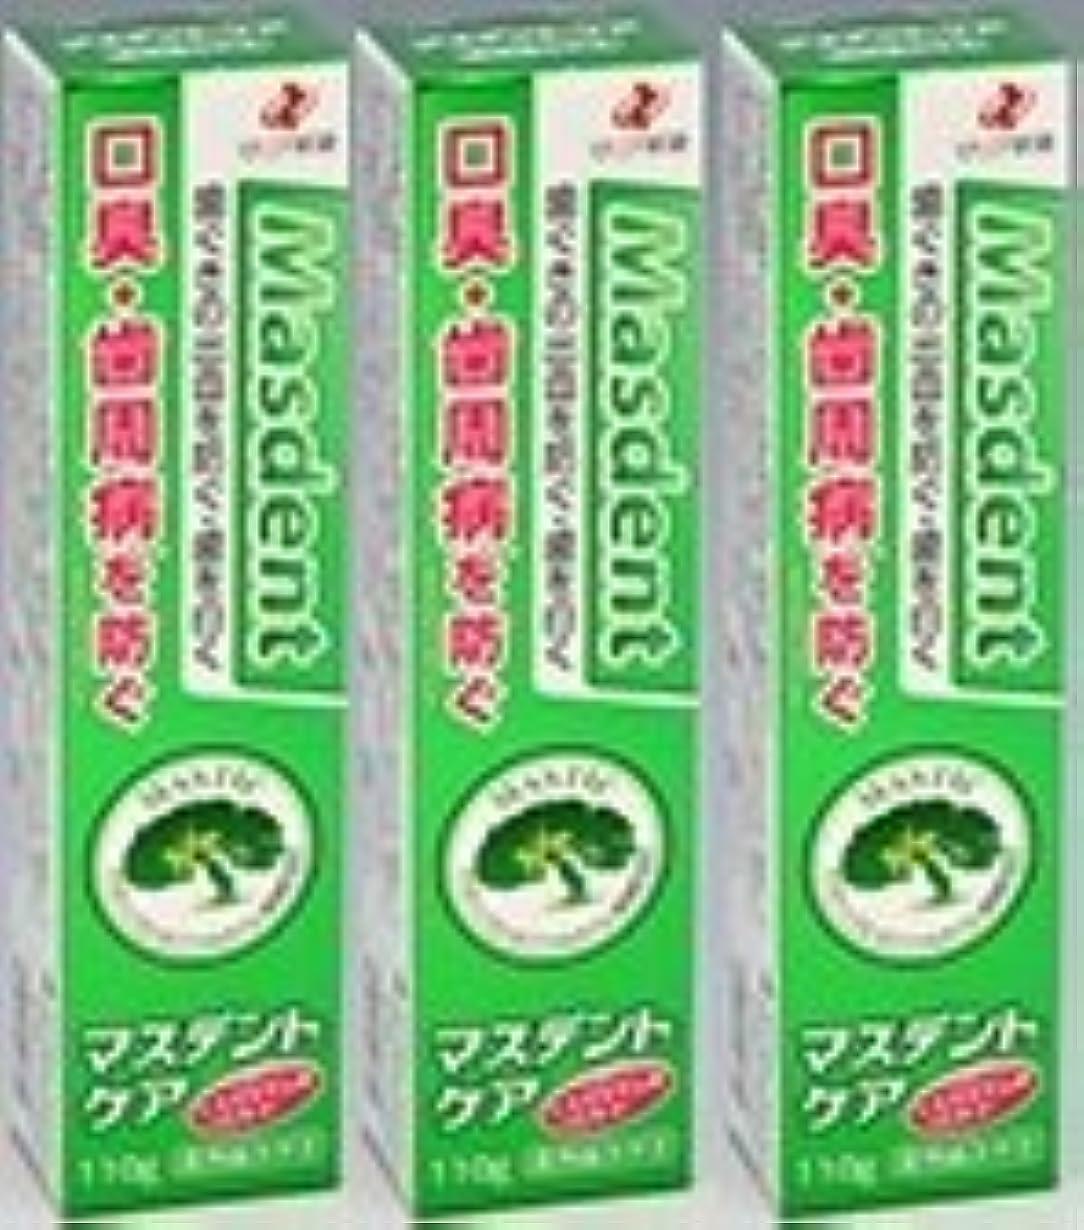 程度別々に思慮のない薬用歯磨き マスデントケア110g×3本セット